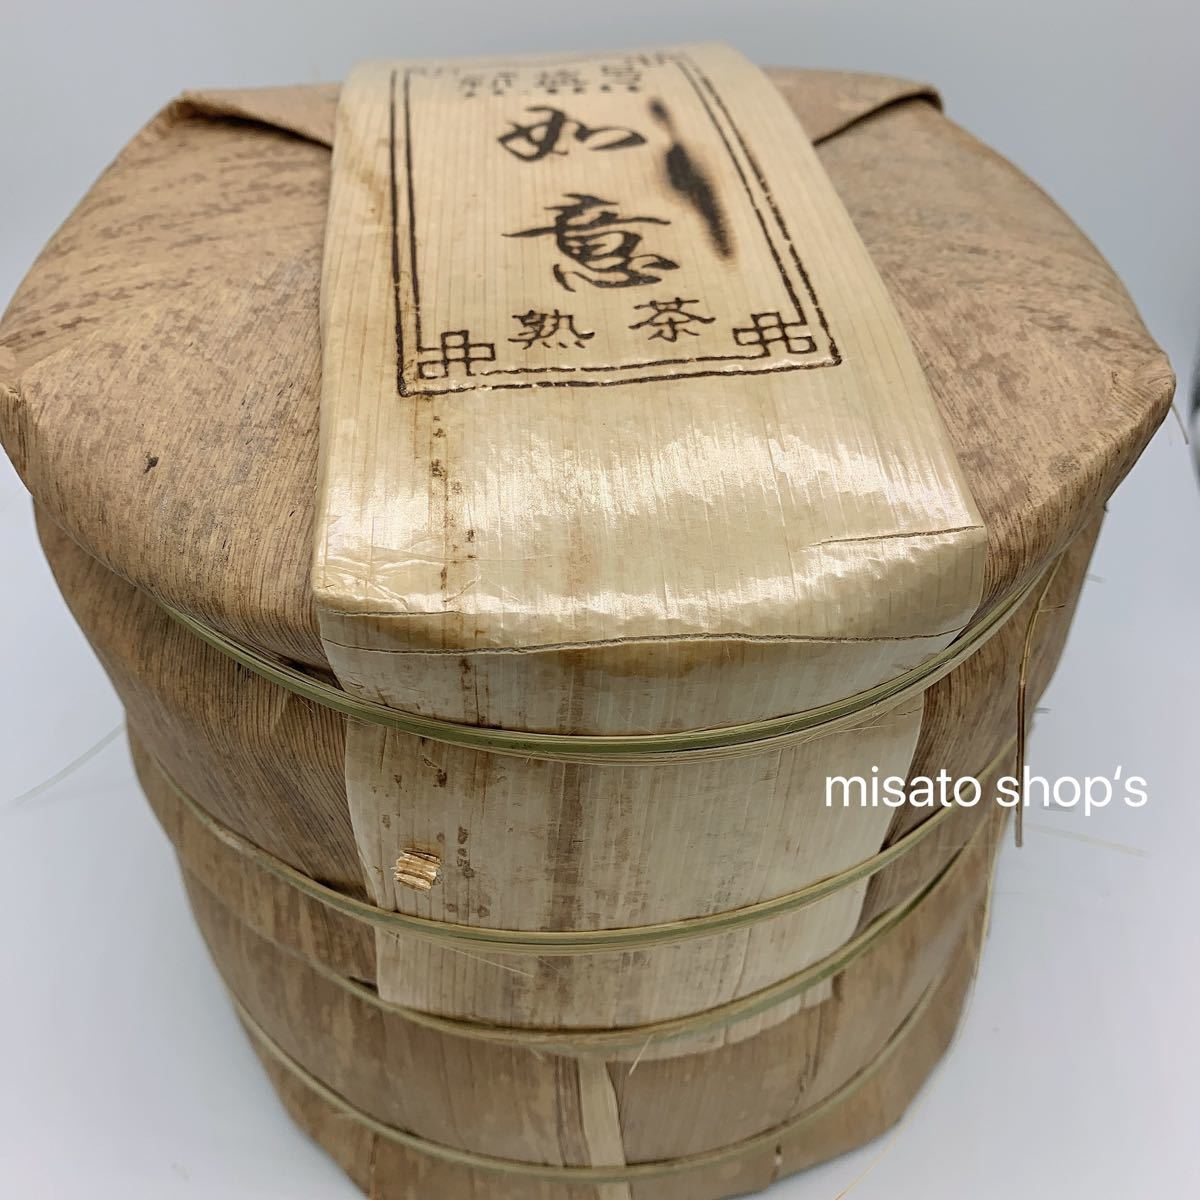 雲南七子餅プーアル茶 熟茶 新益号 【如意 】357g  2012年